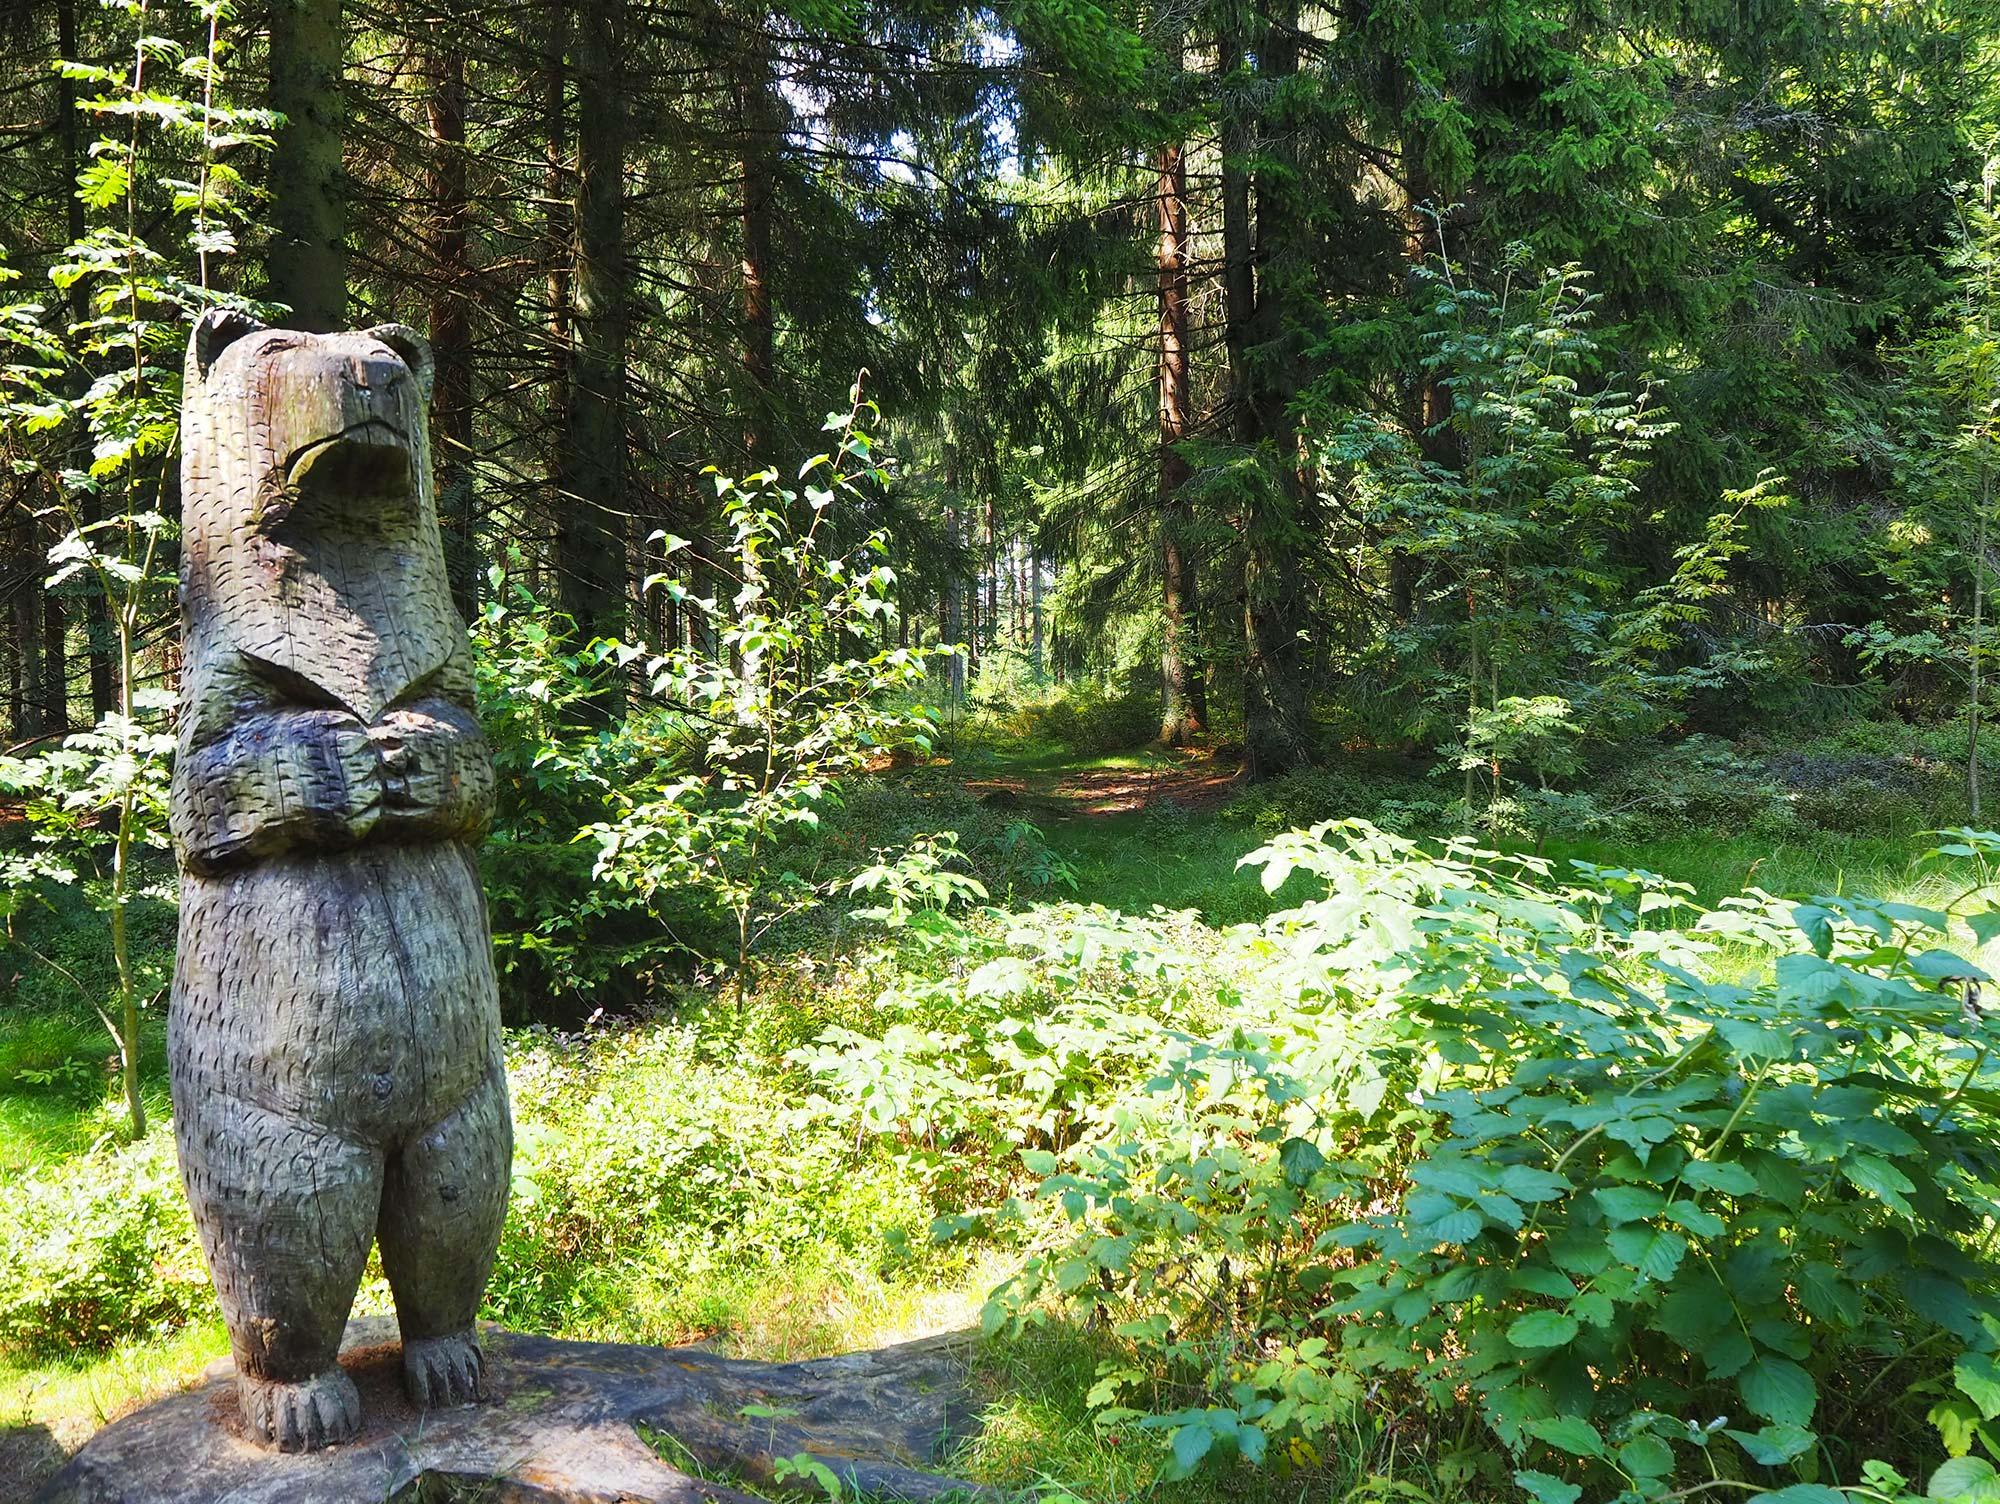 Waldwanderung durch den Bayerischen Wald